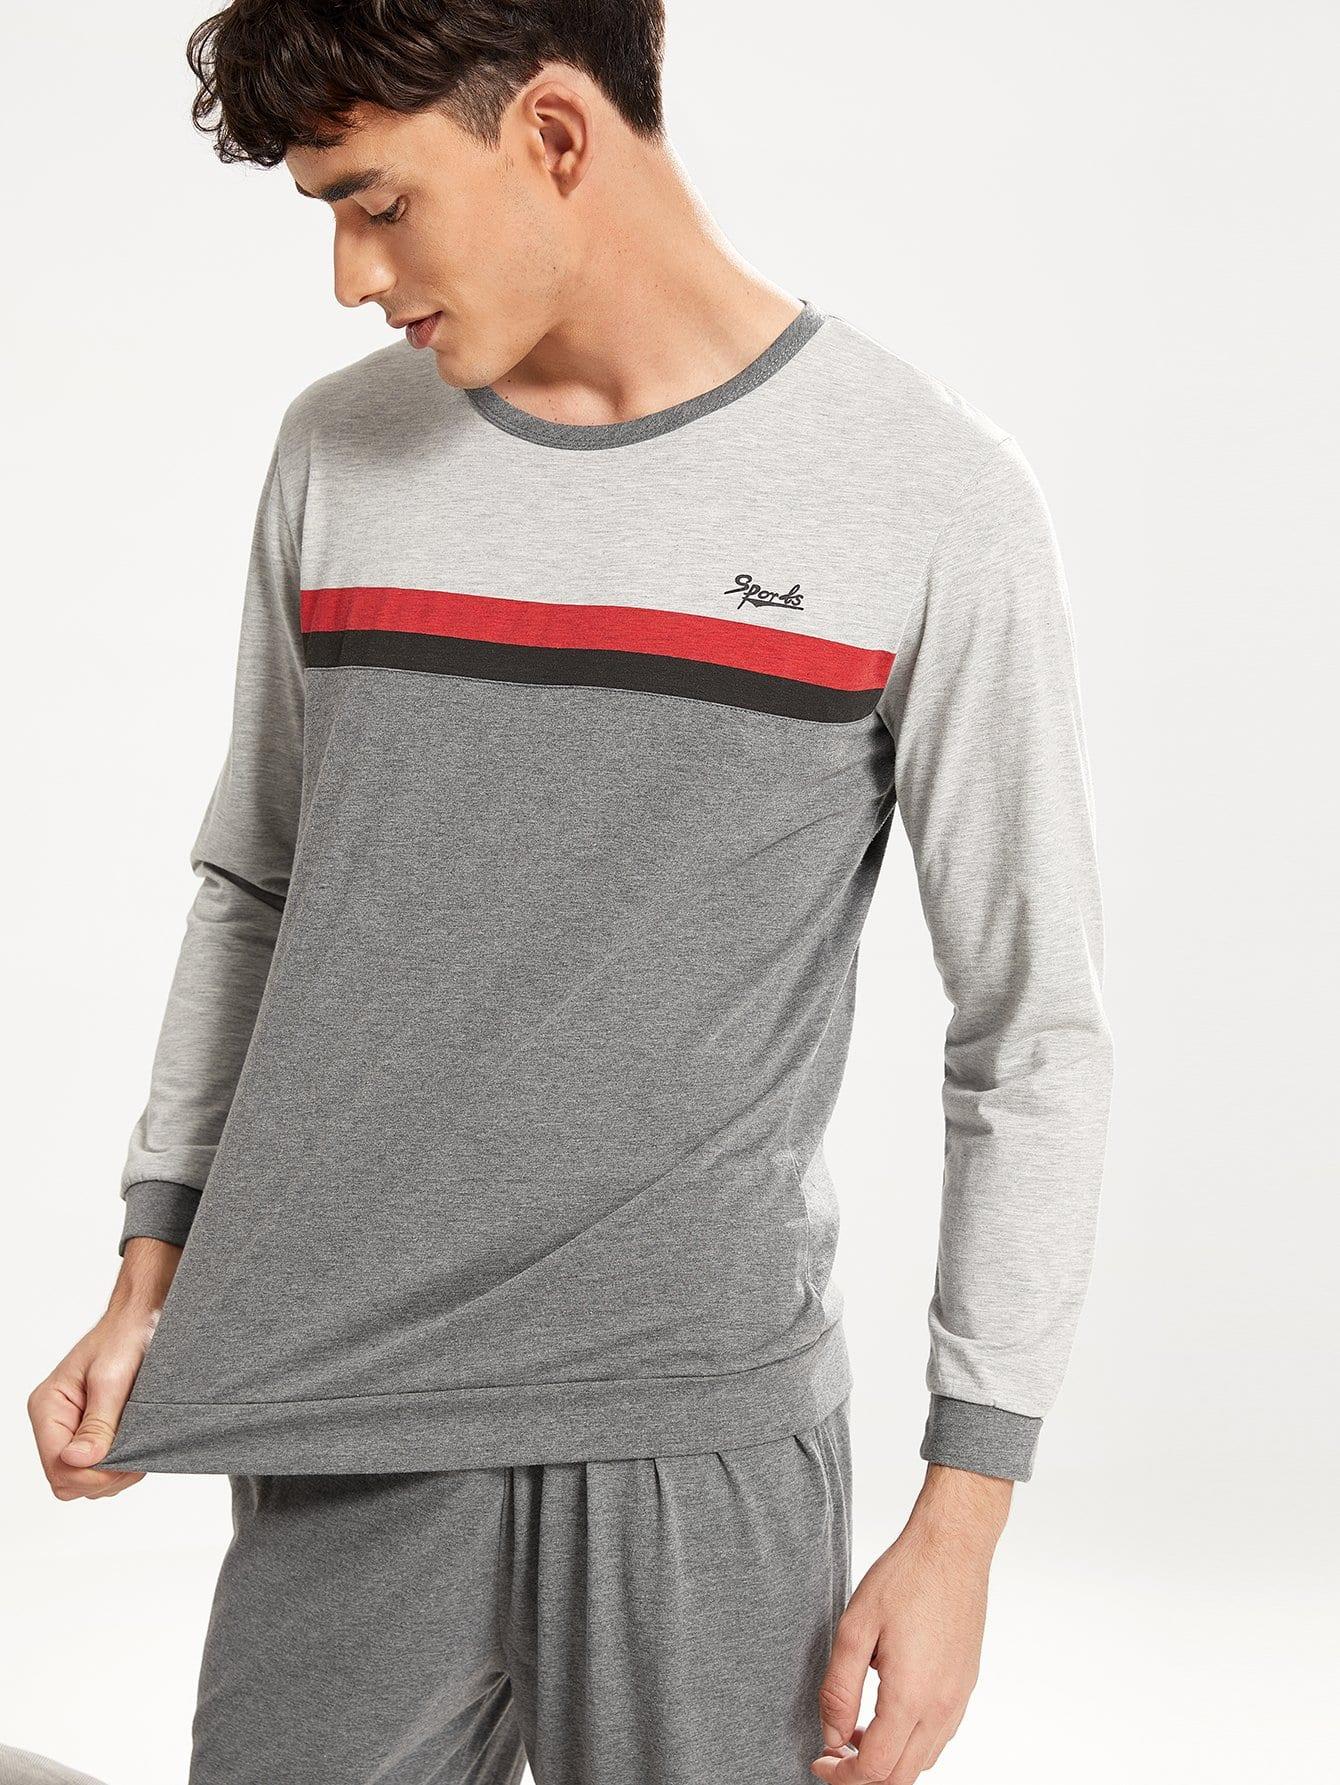 Комплект симметрической полосатой цветной кусковой пижамы для мужчины от SheIn